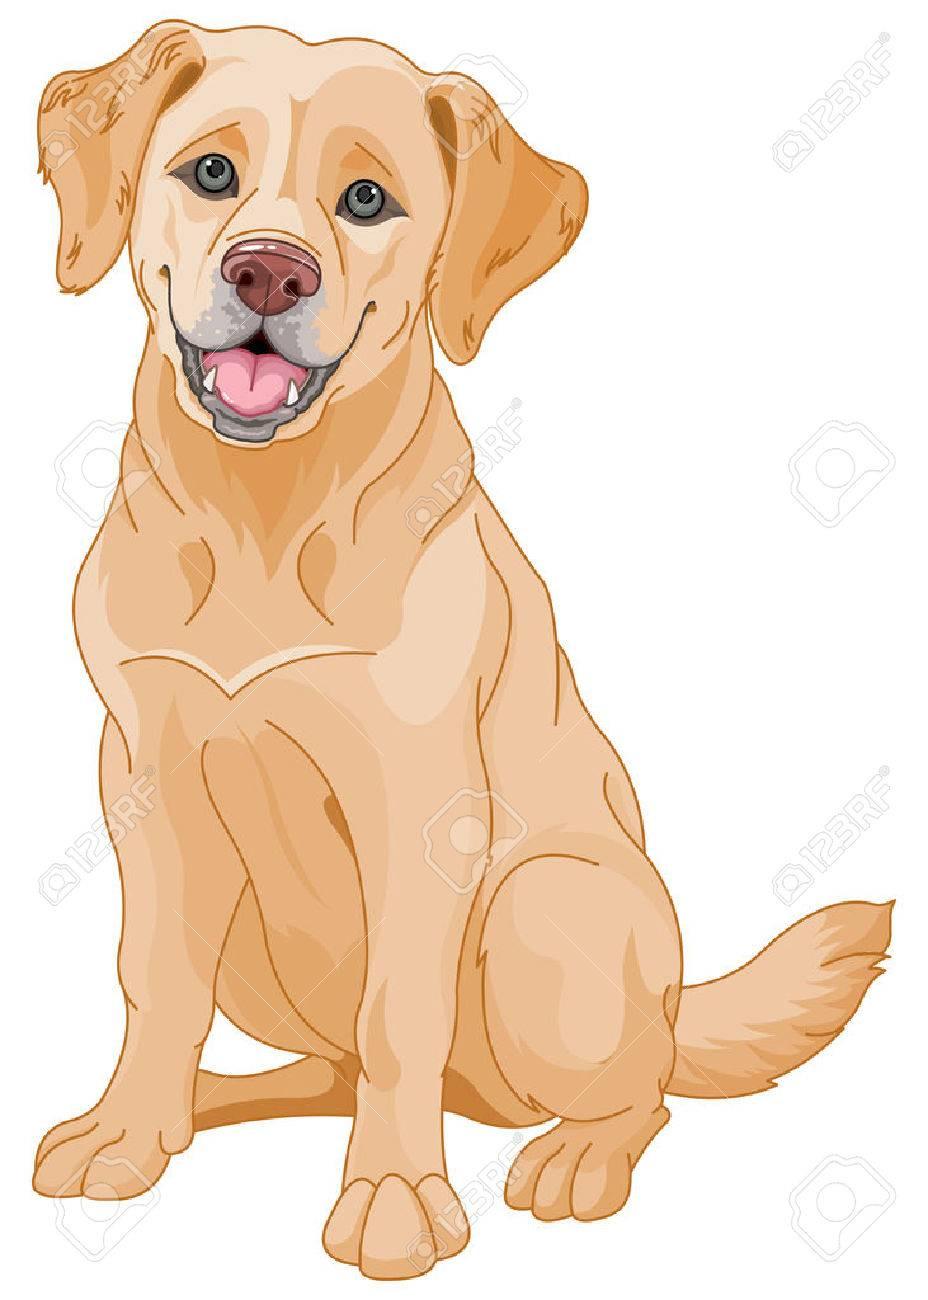 medium resolution of illustration of cute golden retriever dog stock vector 46230245